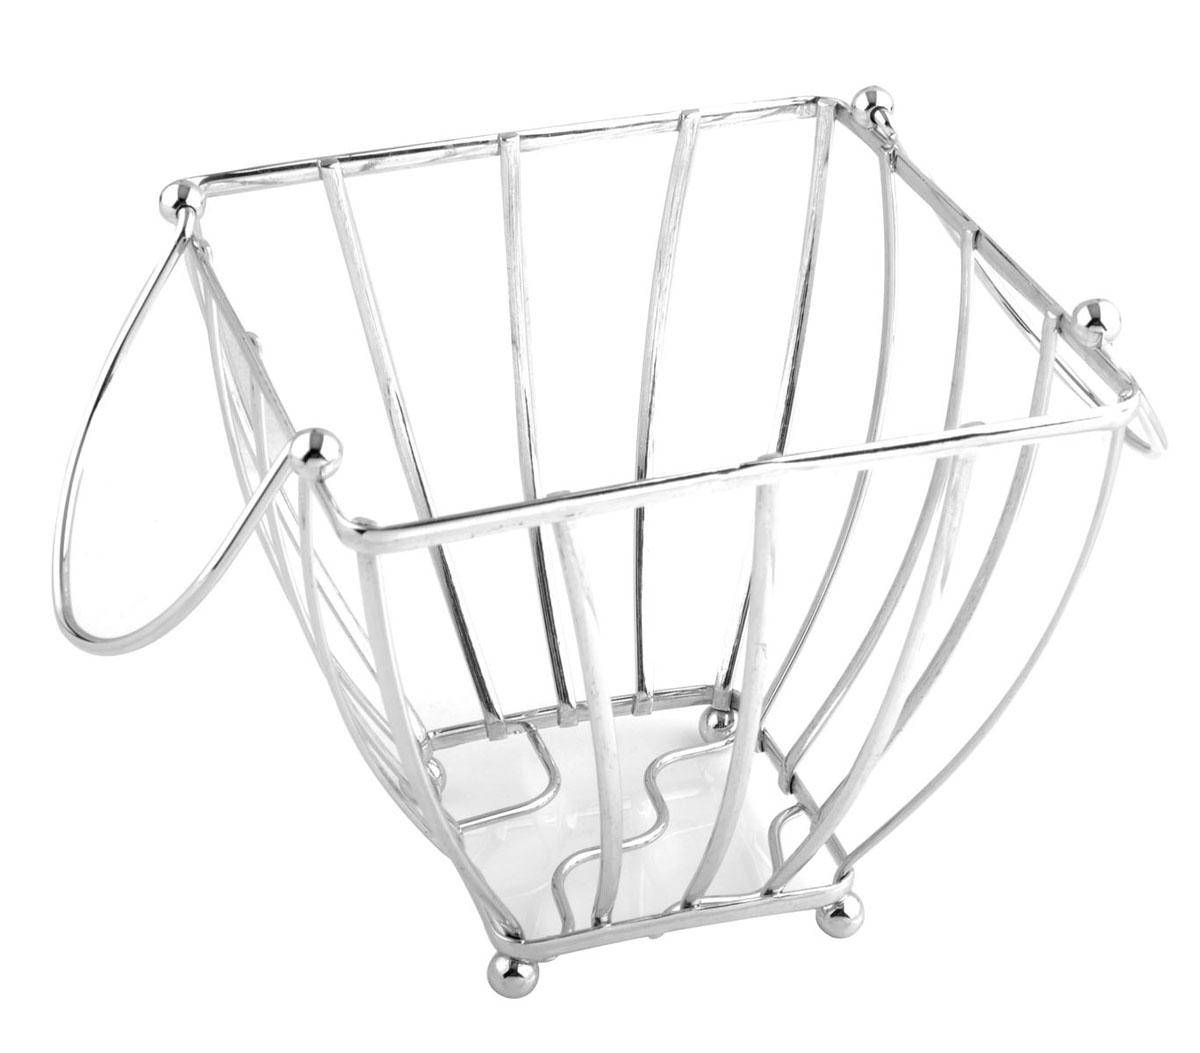 Фруктовница Trina, квадратная. 93-TR-01-0993-TR-01-09Современный дизайн фруктовницы, изготовленной из металла, идеально впишется в интерьер современной кухни. Фруктовница квадратной формы представляет собой узор из стальных прутьев с ручками, что облегчает ее перемещение. На нижней части фруктовницы есть четыре металлических шарика - для устойчивости.